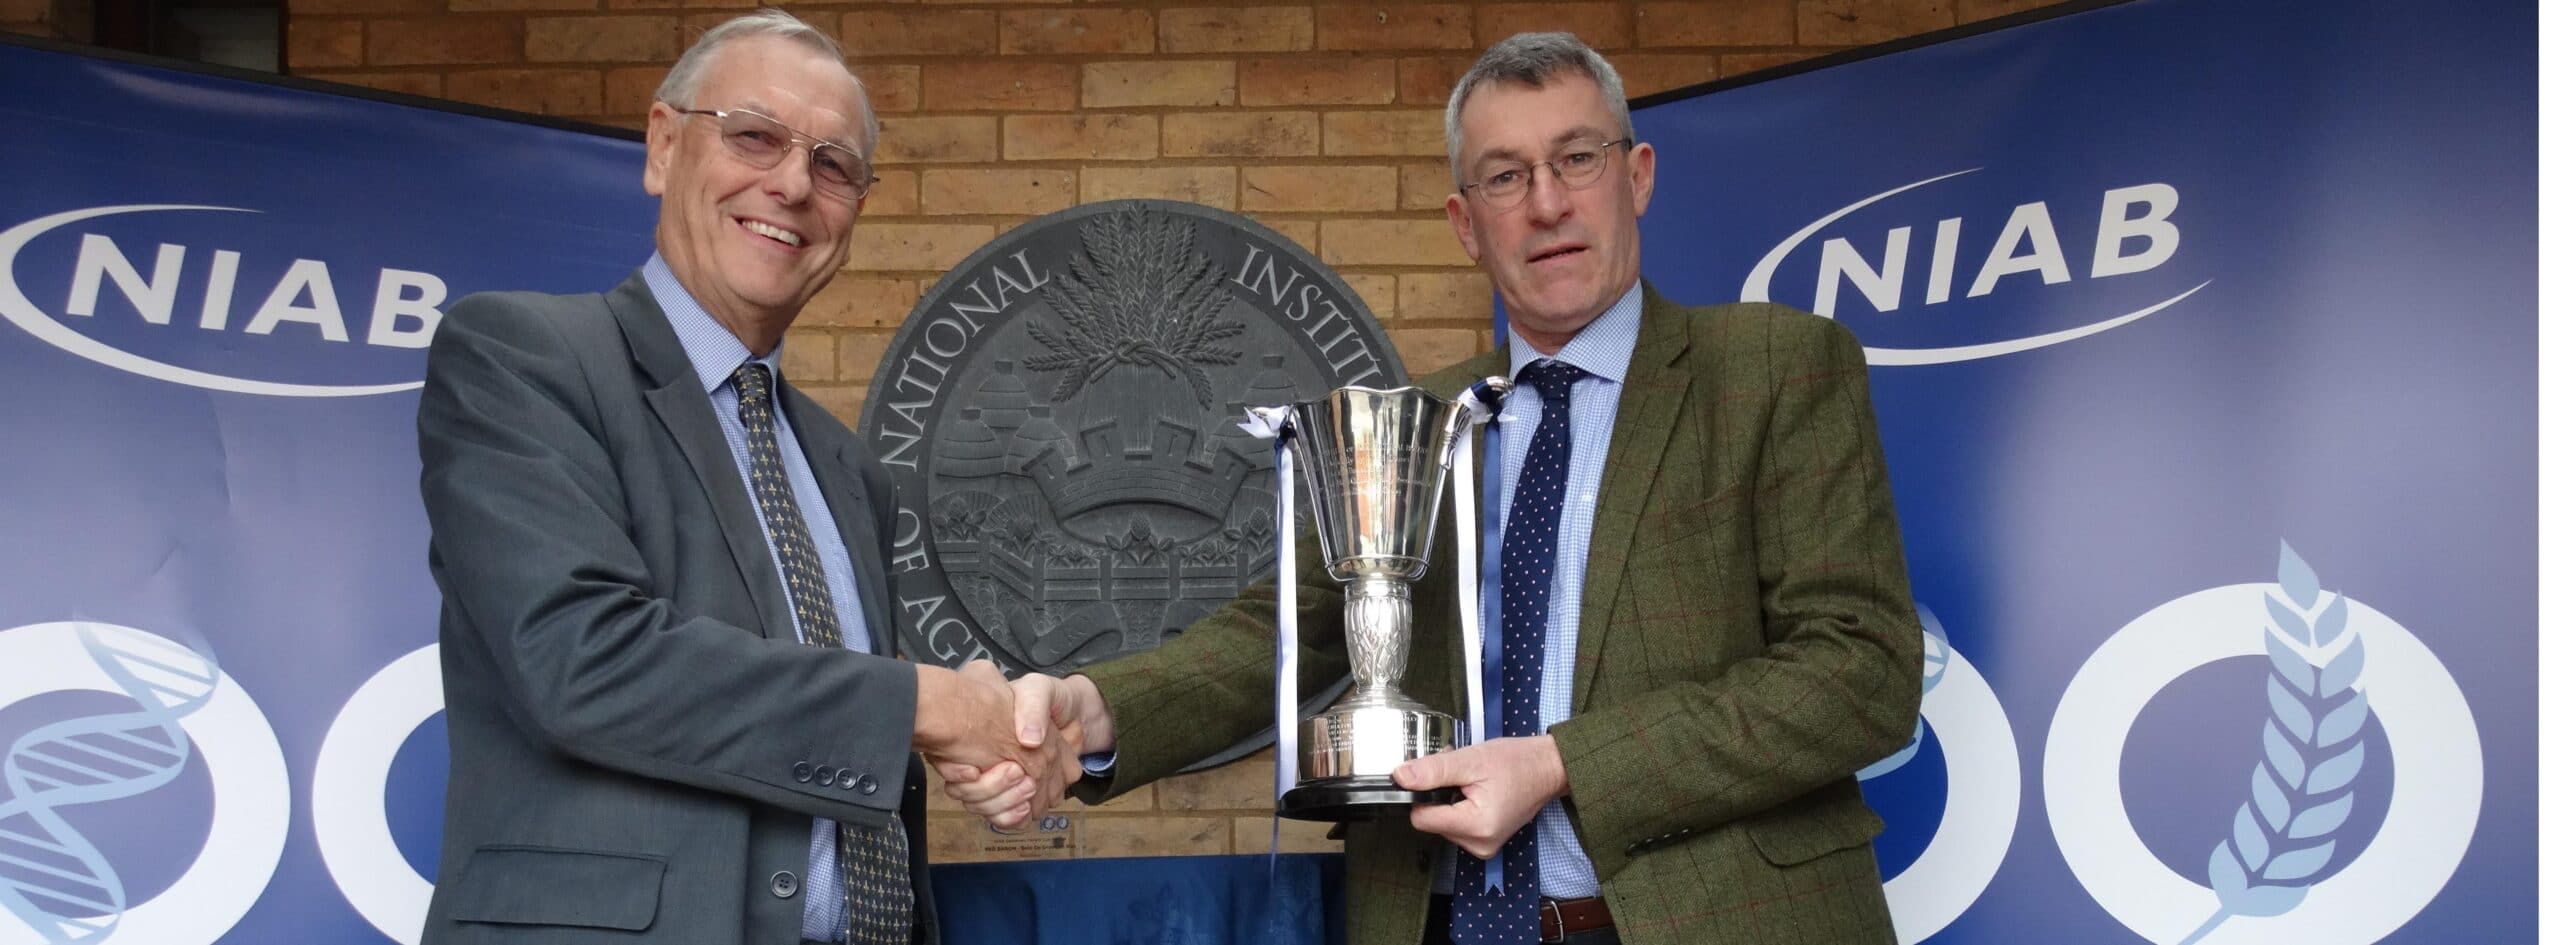 Robin Wood with NIAB Trophy